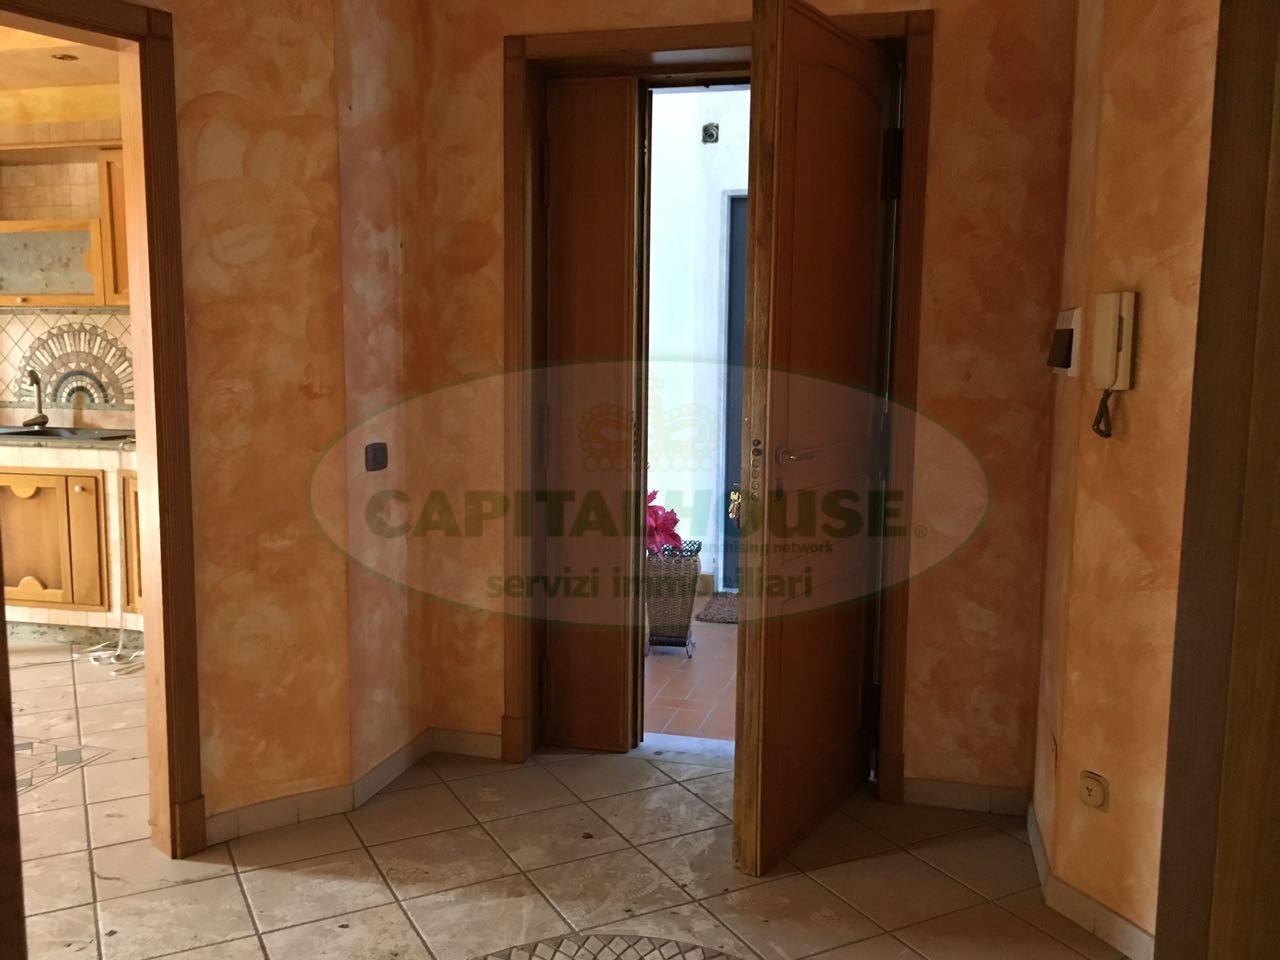 Appartamento in affitto a Afragola, 3 locali, zona Località: ZonaPeriferica, prezzo € 500 | CambioCasa.it